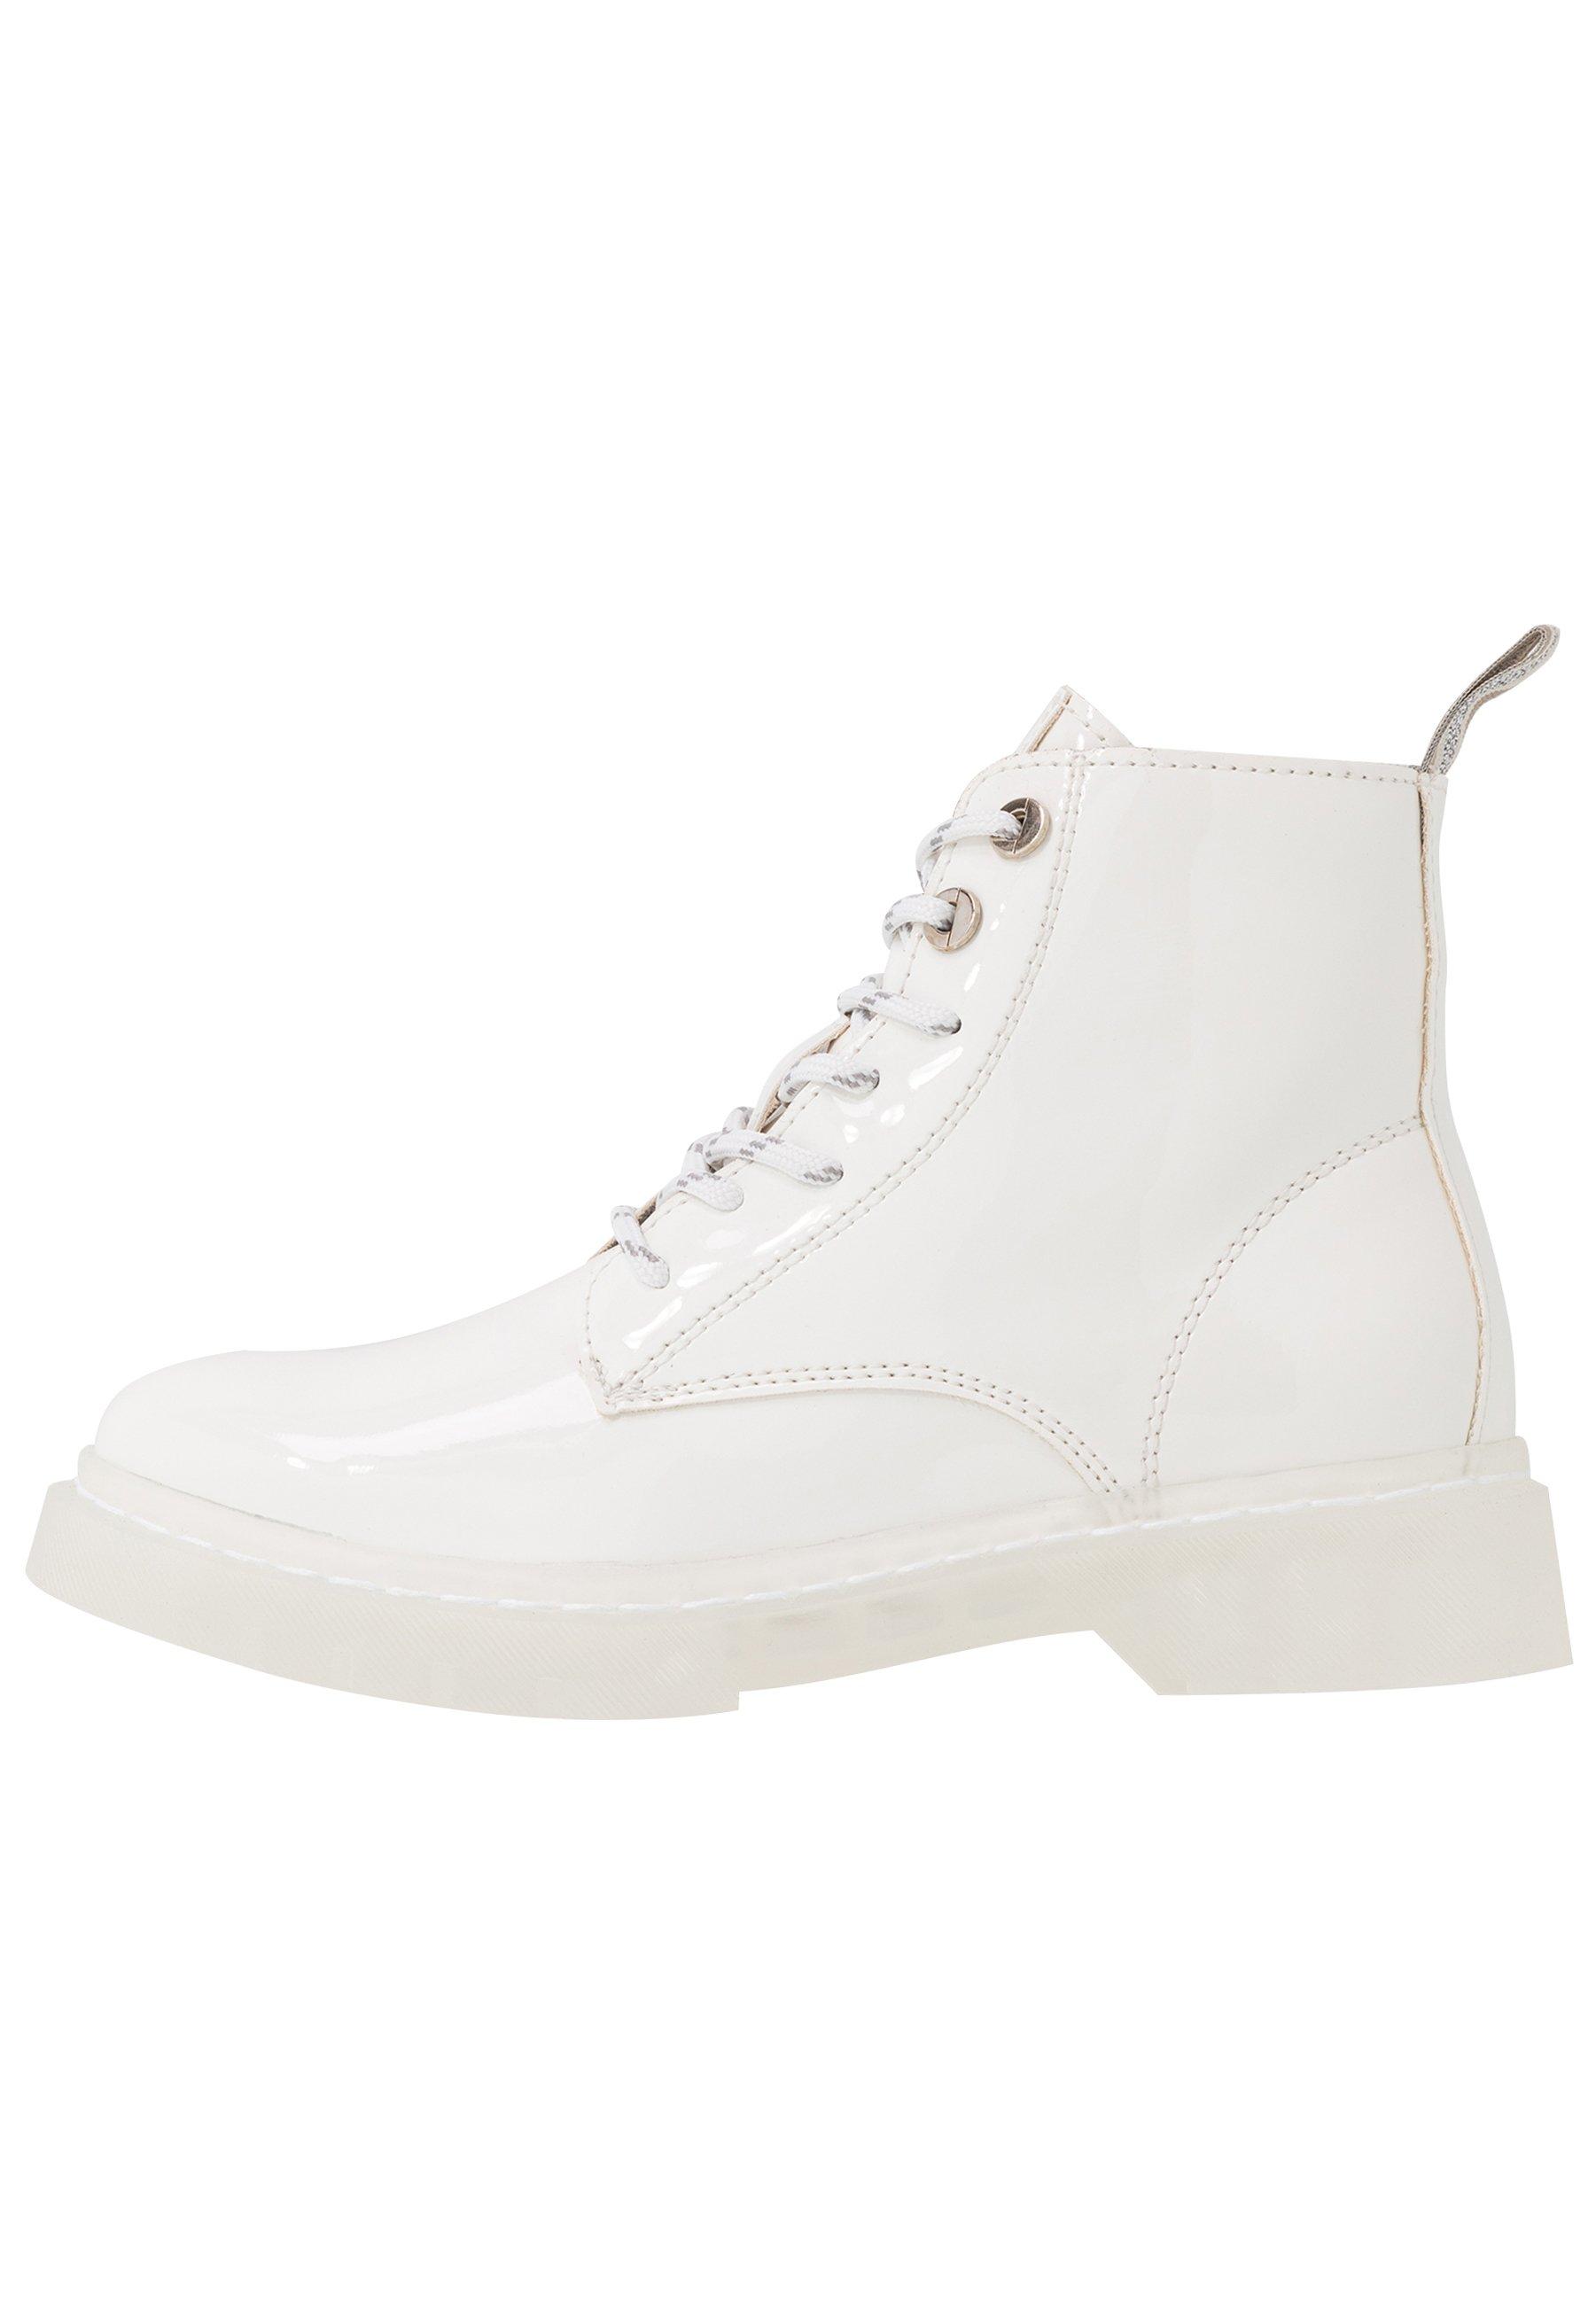 Tamaris Ankelstøvler - white TZBPp